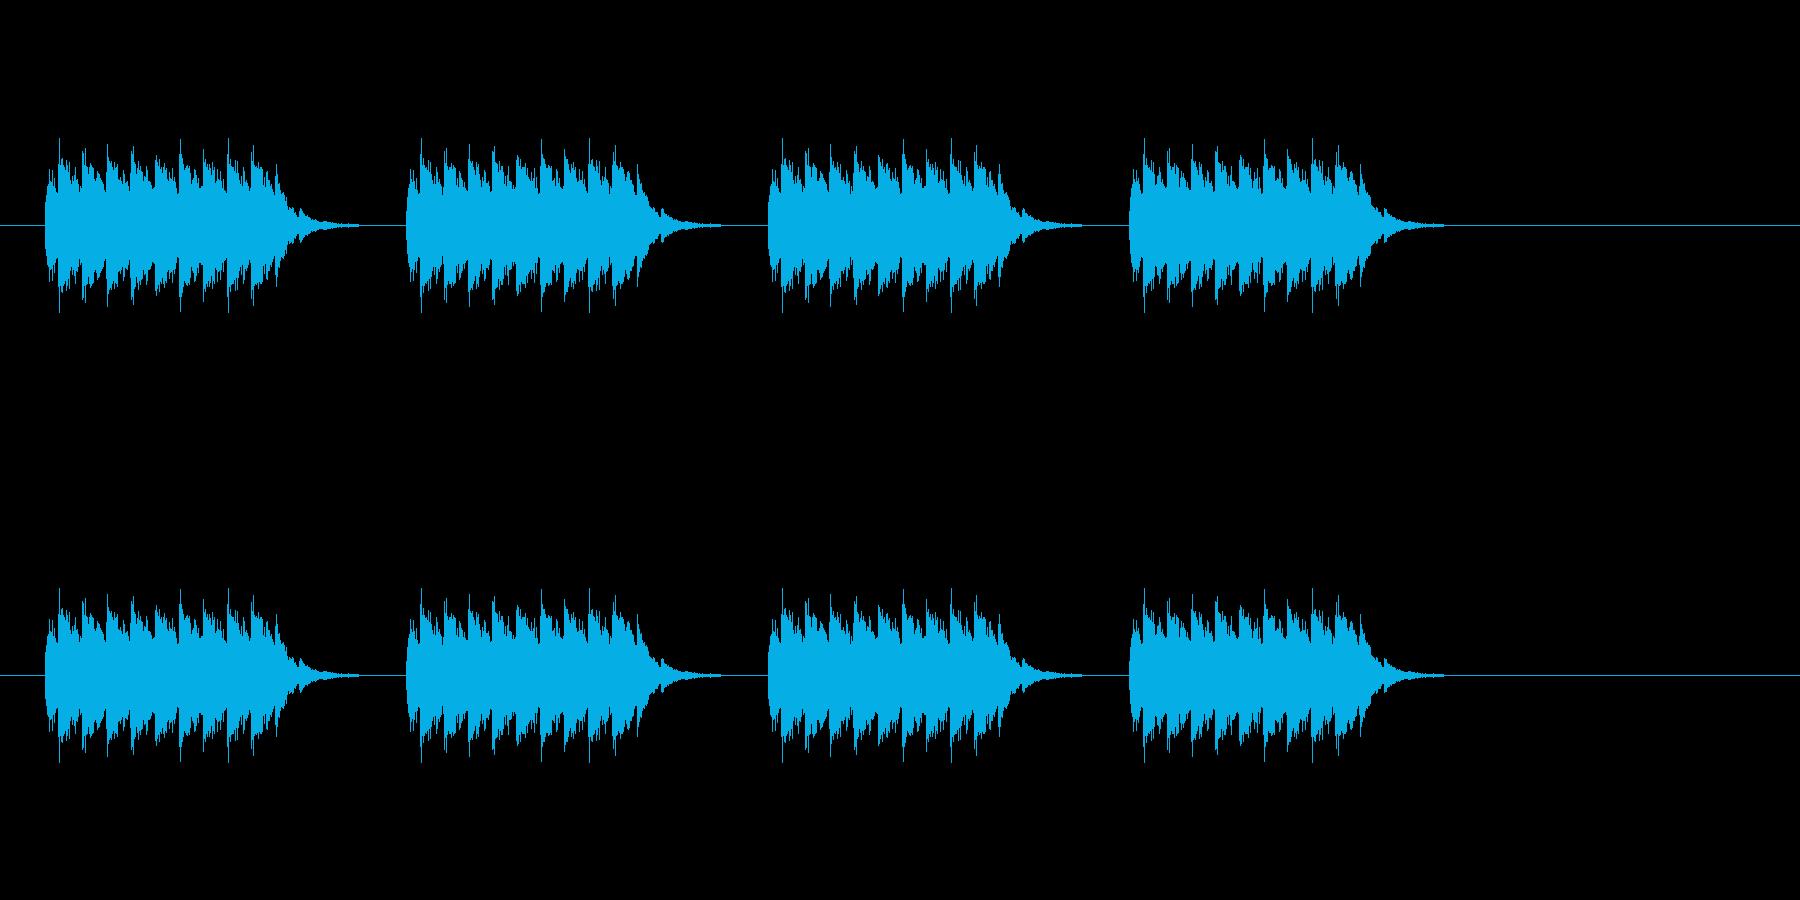 【電子音】スマホ・ケータイの着信音の再生済みの波形